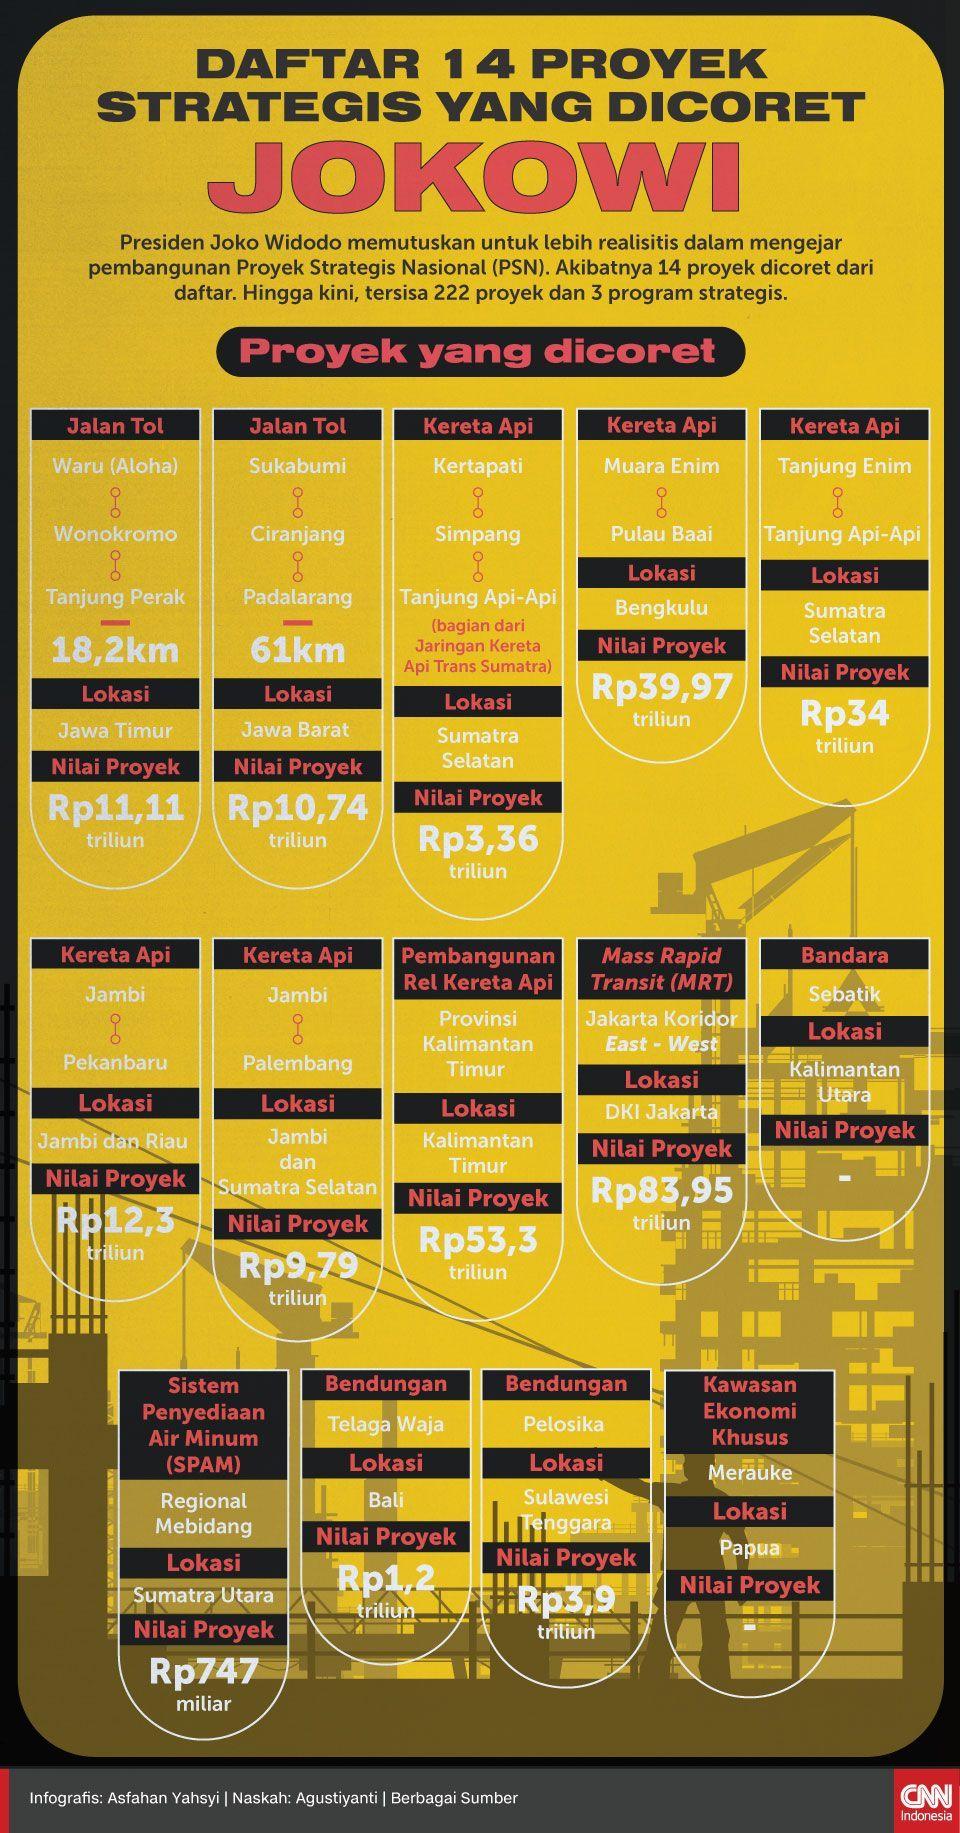 Infografis Daftar 14 Proyek Strategis yang Dicoret Jokowi